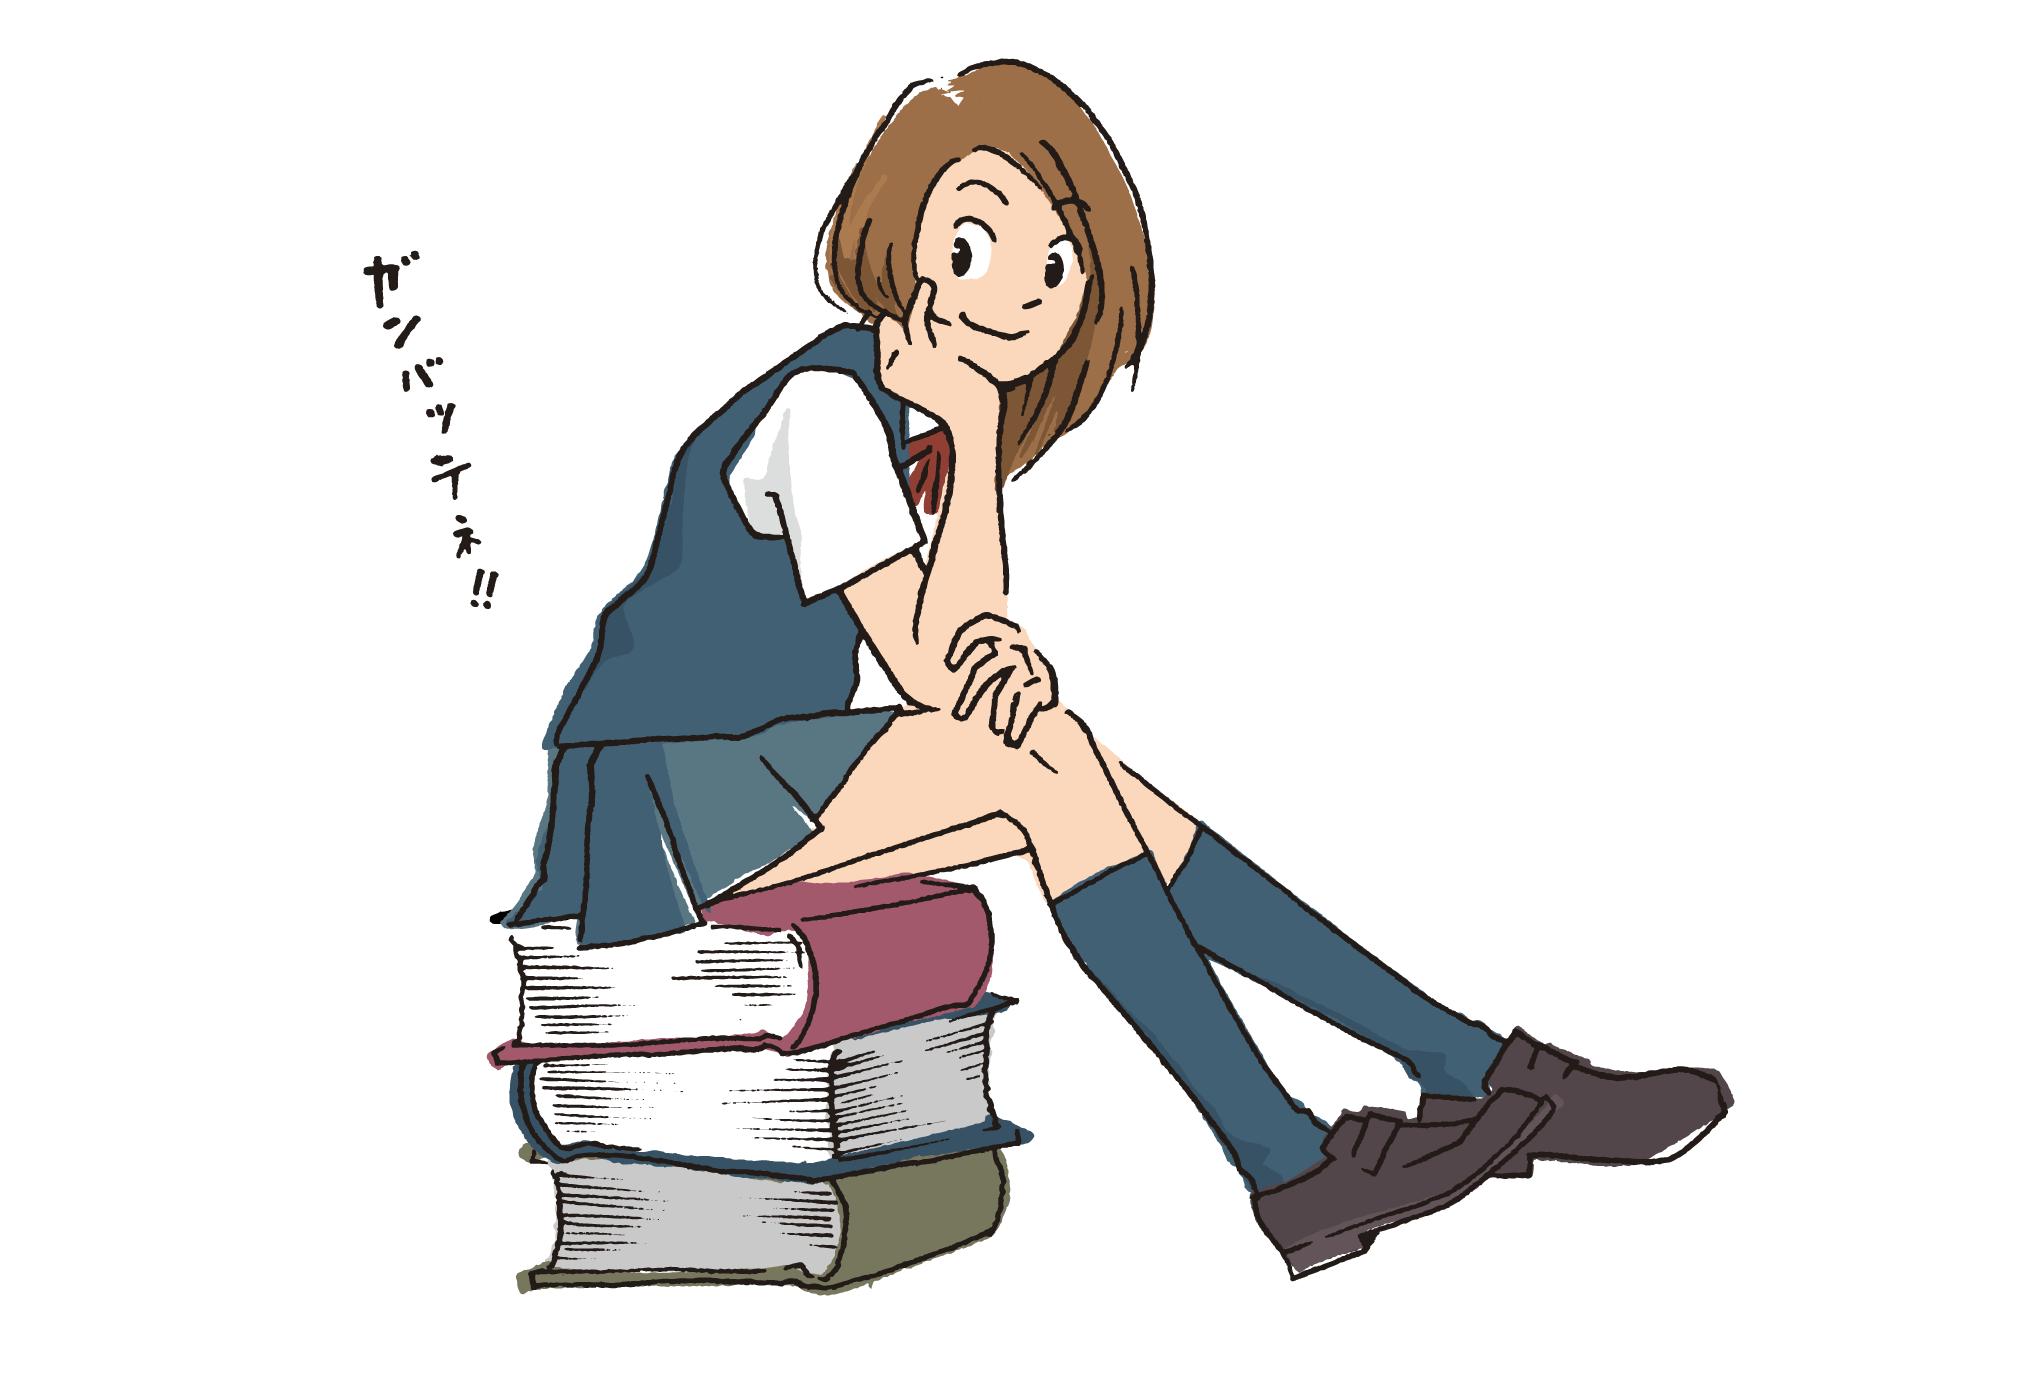 ポストカード26:Let's study!のダウンロード画像